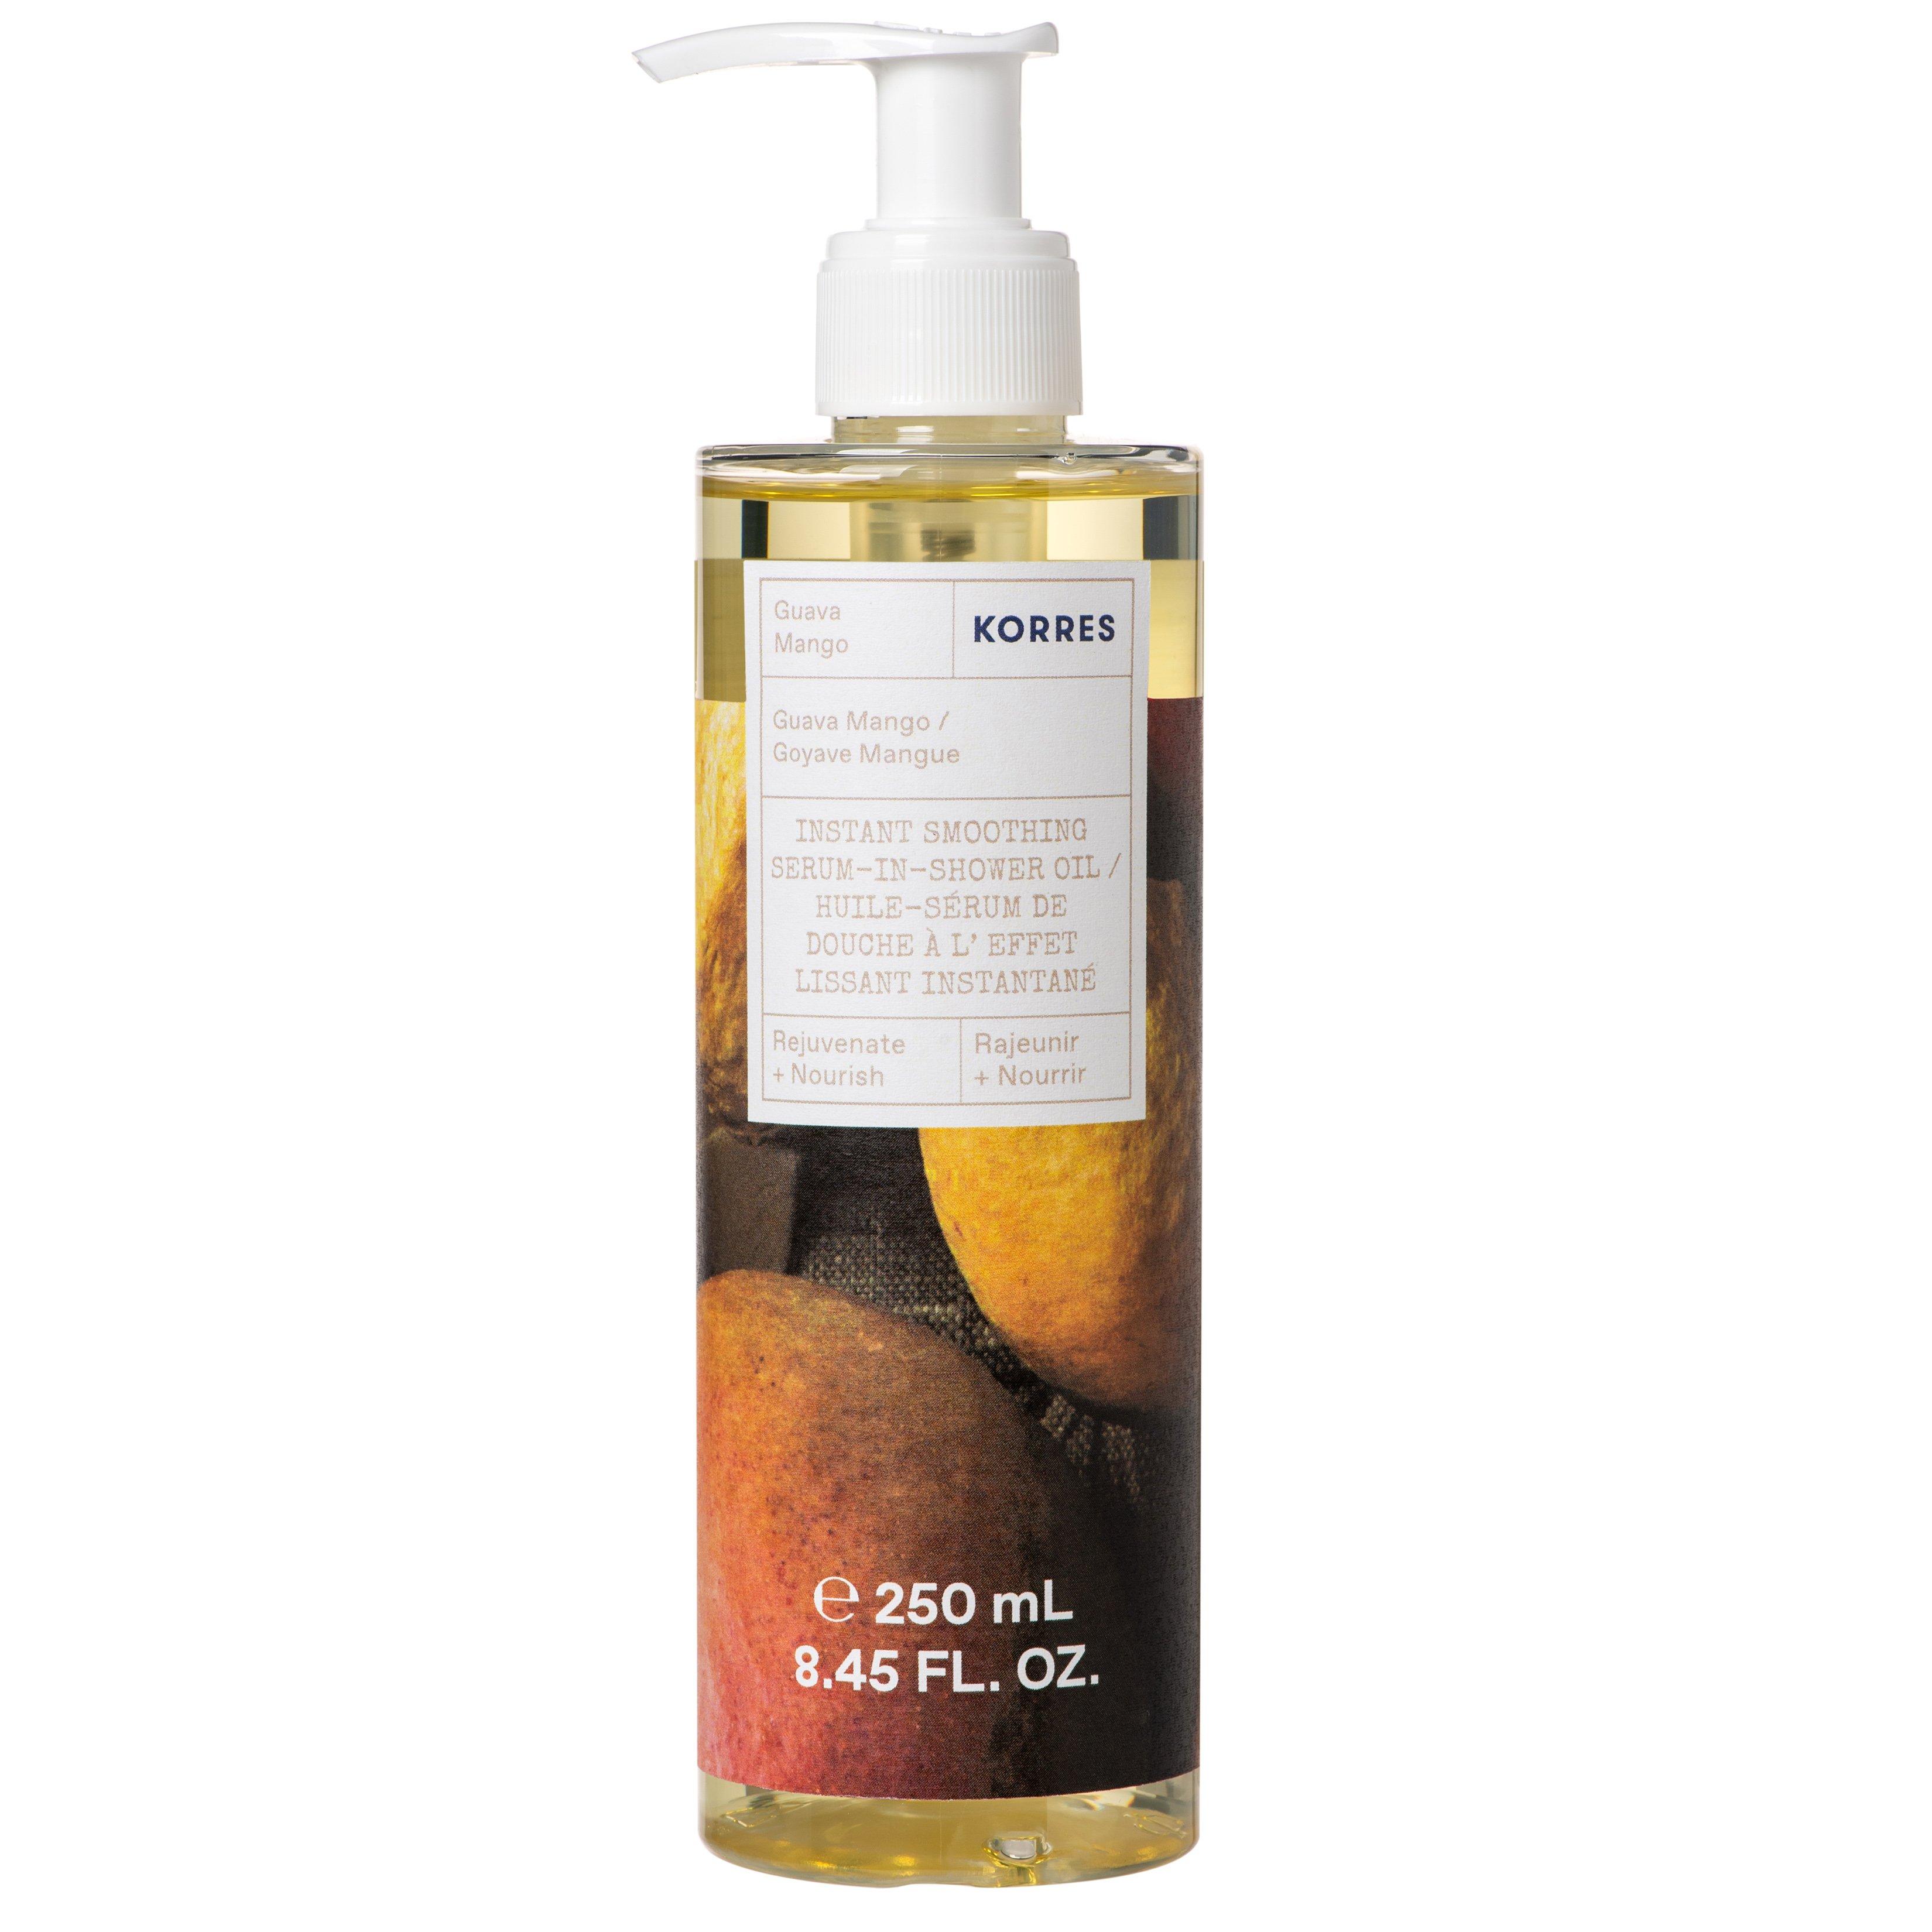 Korres Instant Smoothing Serum in Shower Oil Guava Mango Ενυδατικό Serum-Oil Σώματος για Θρέψη & Λάμψη 250ml